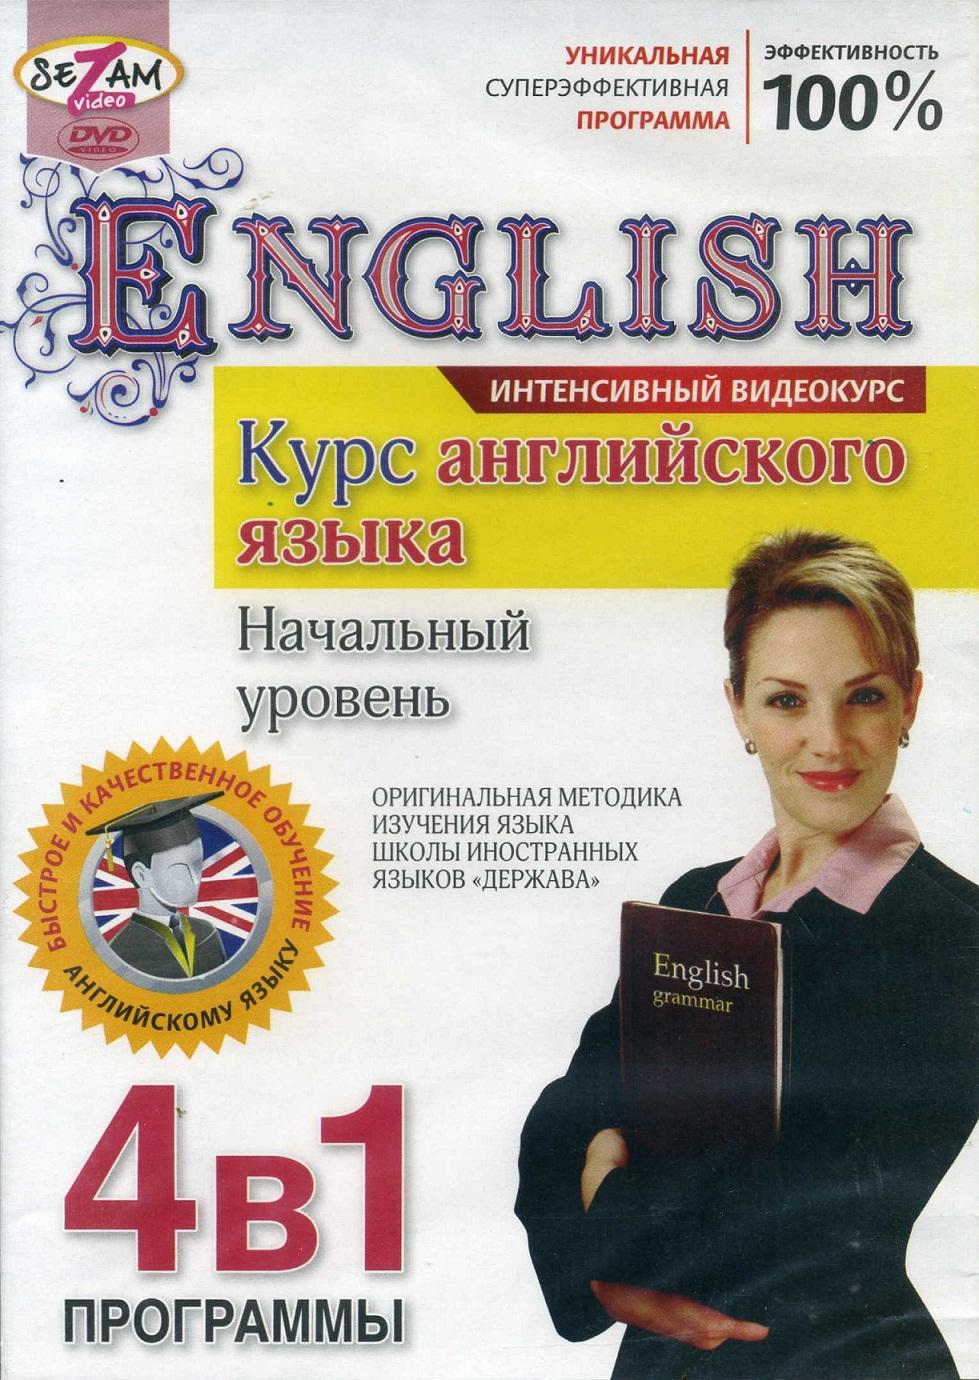 Рекомендации по изучению английского языка самостоятельно